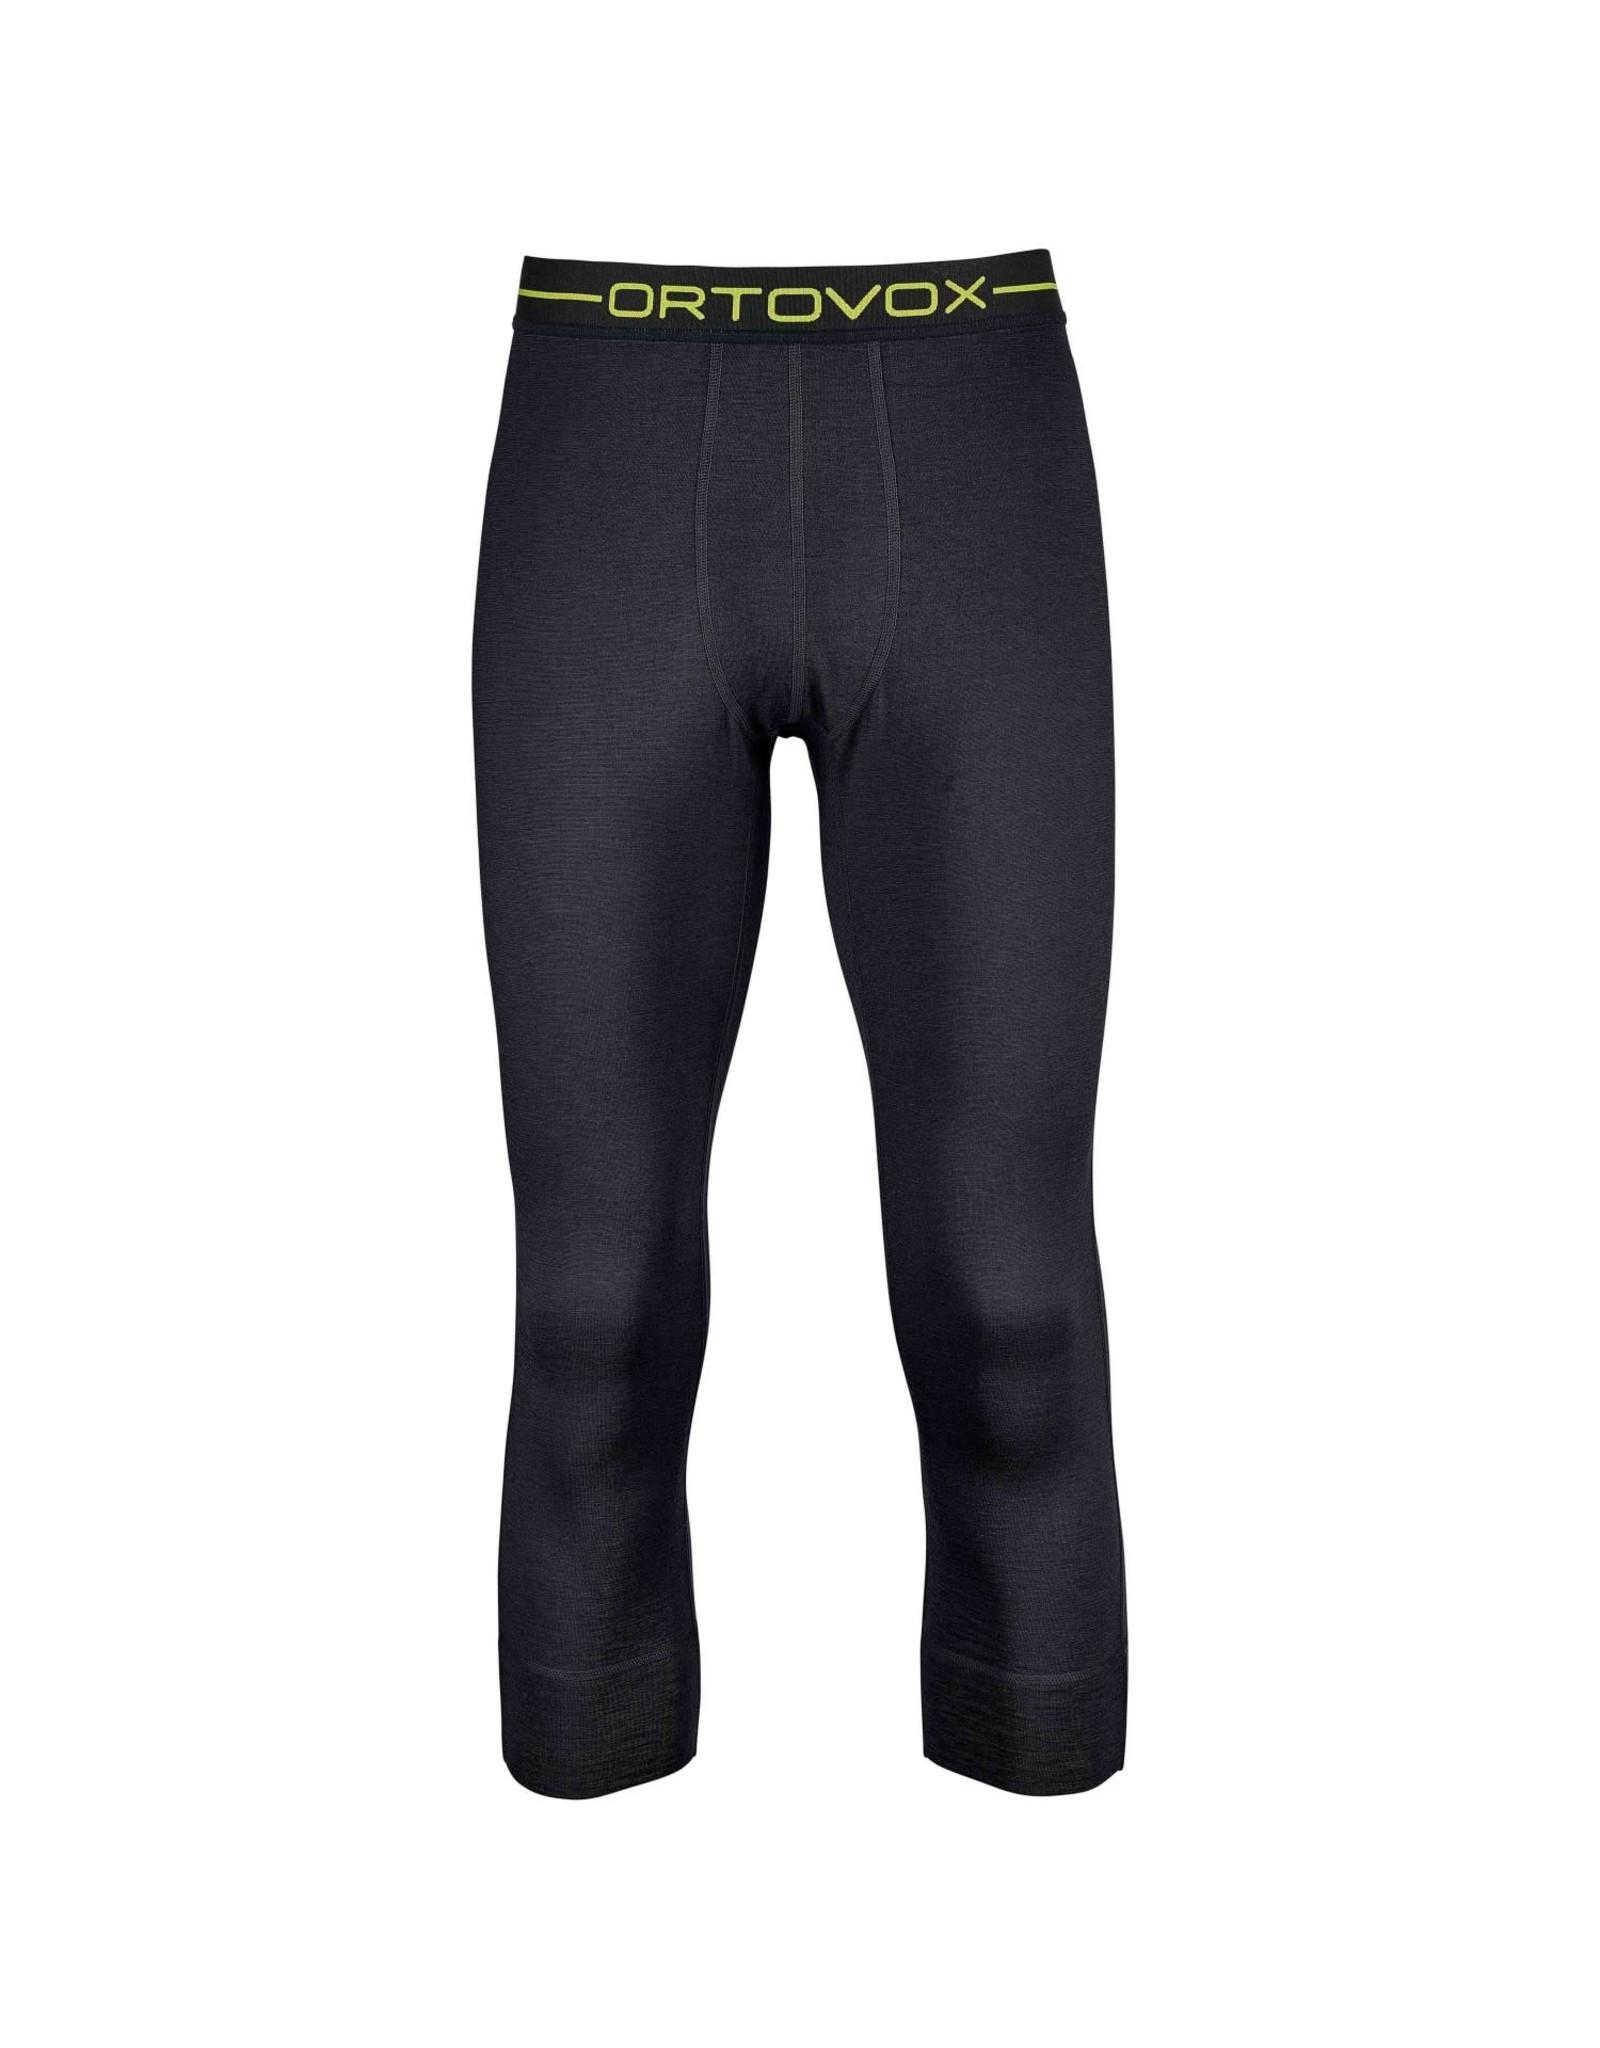 Ortovox Pantalon Ortovox 145 Ultra Short - Homme